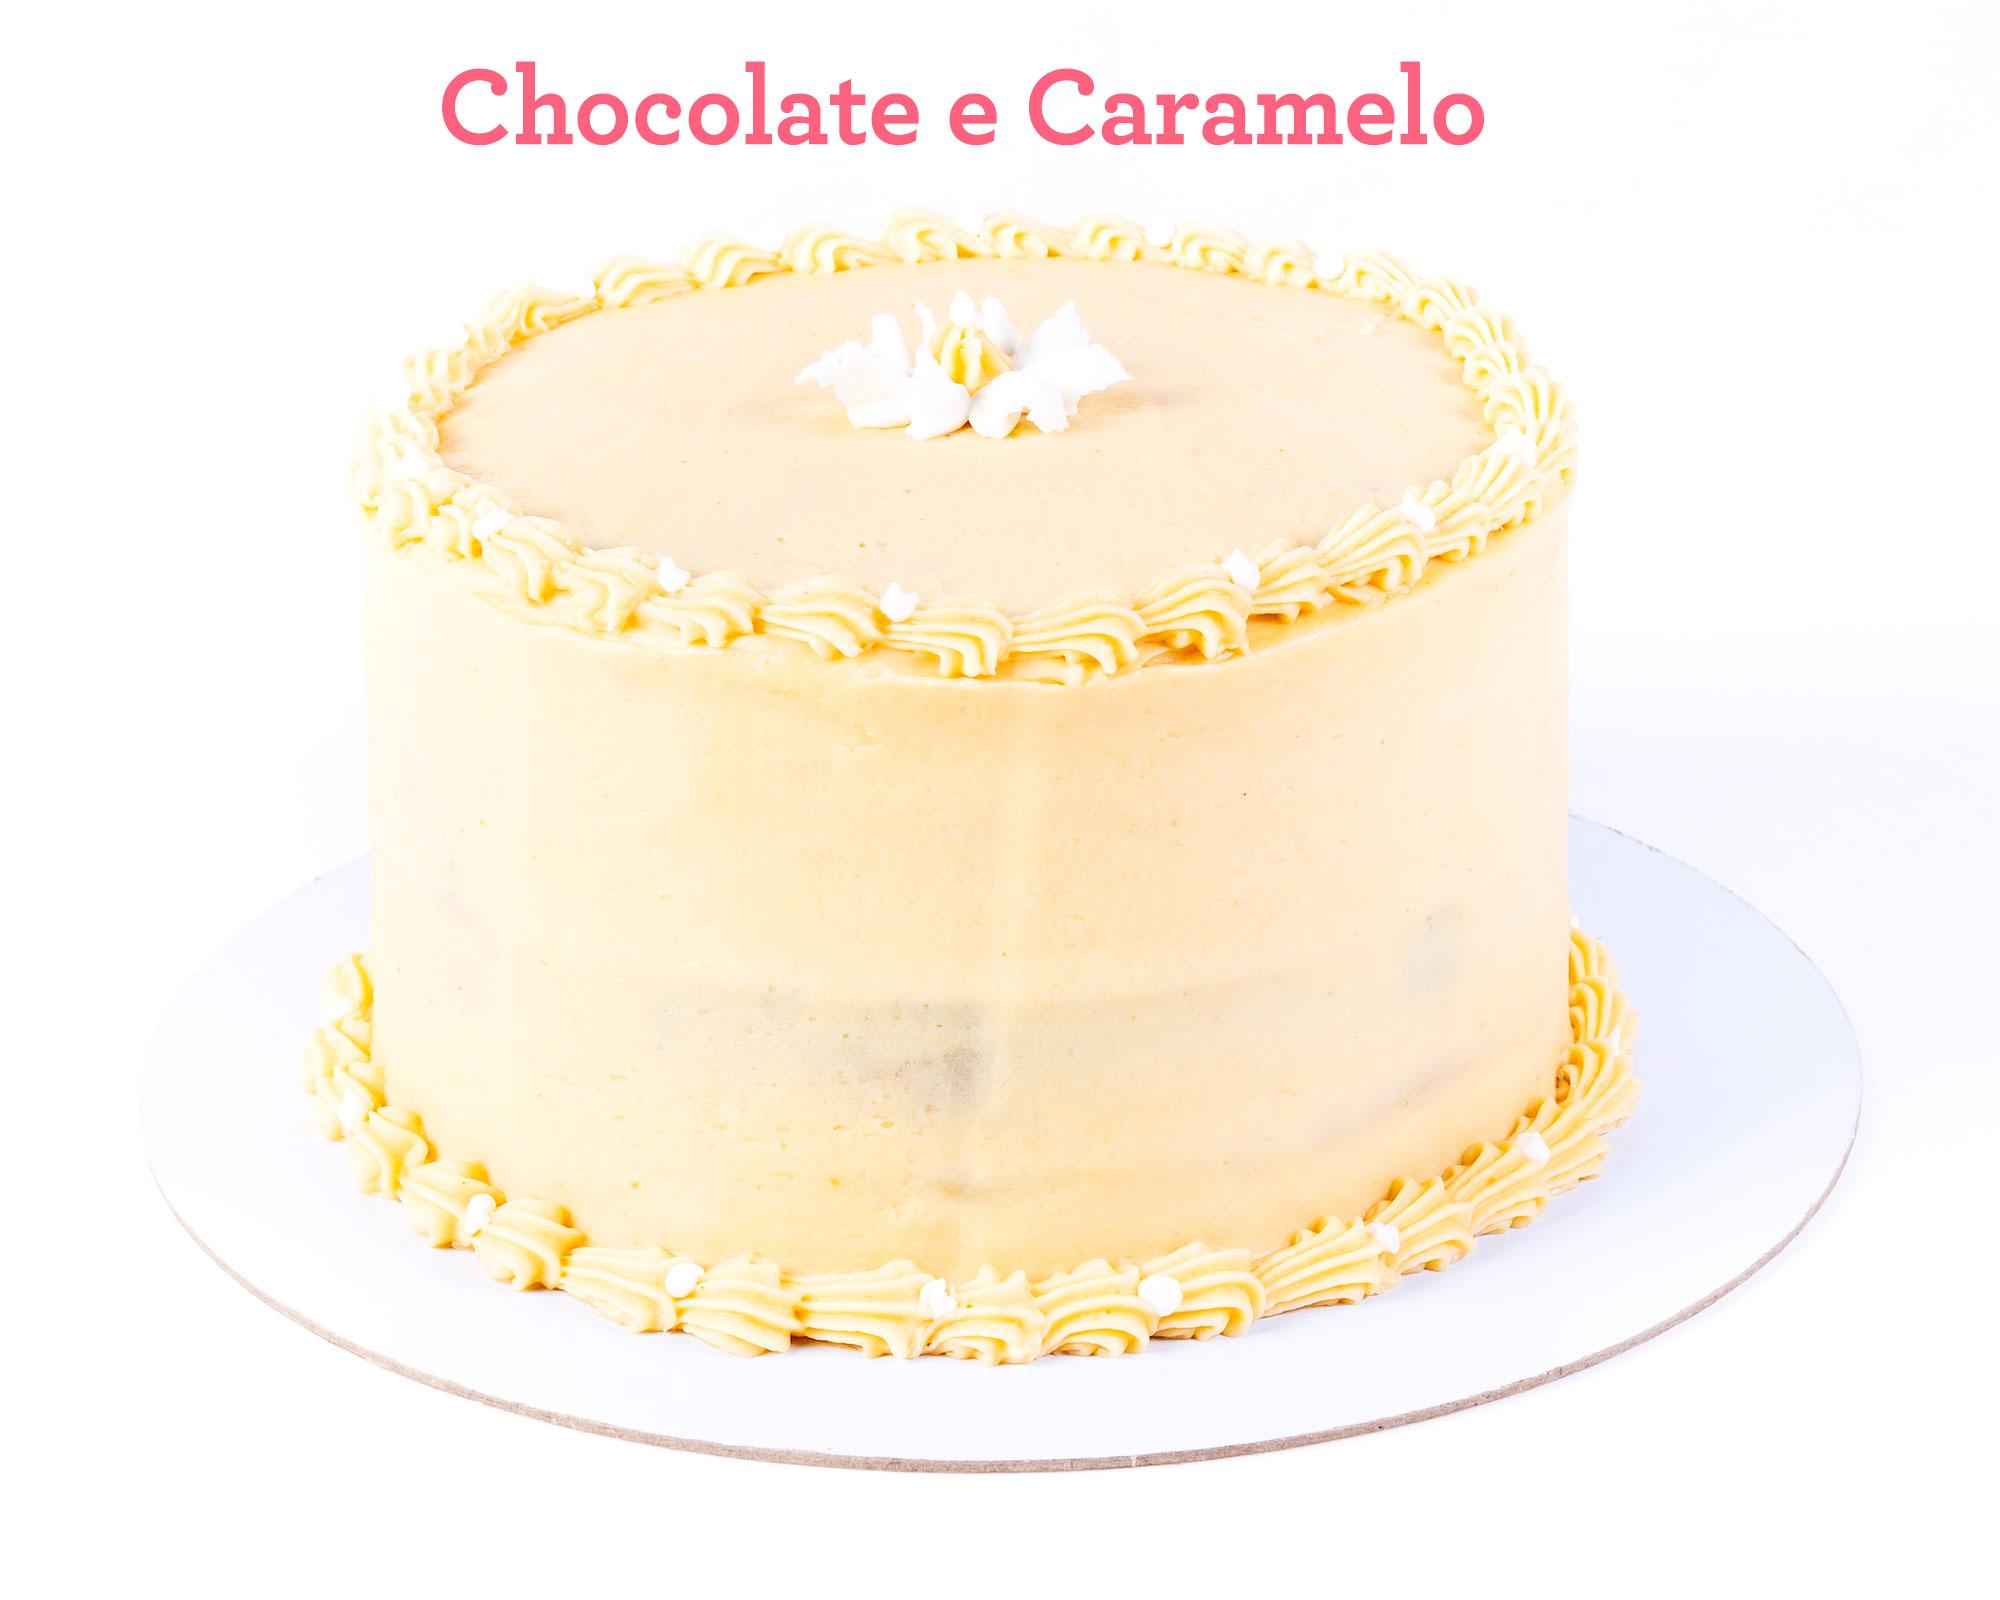 Chocolate e Caramelo